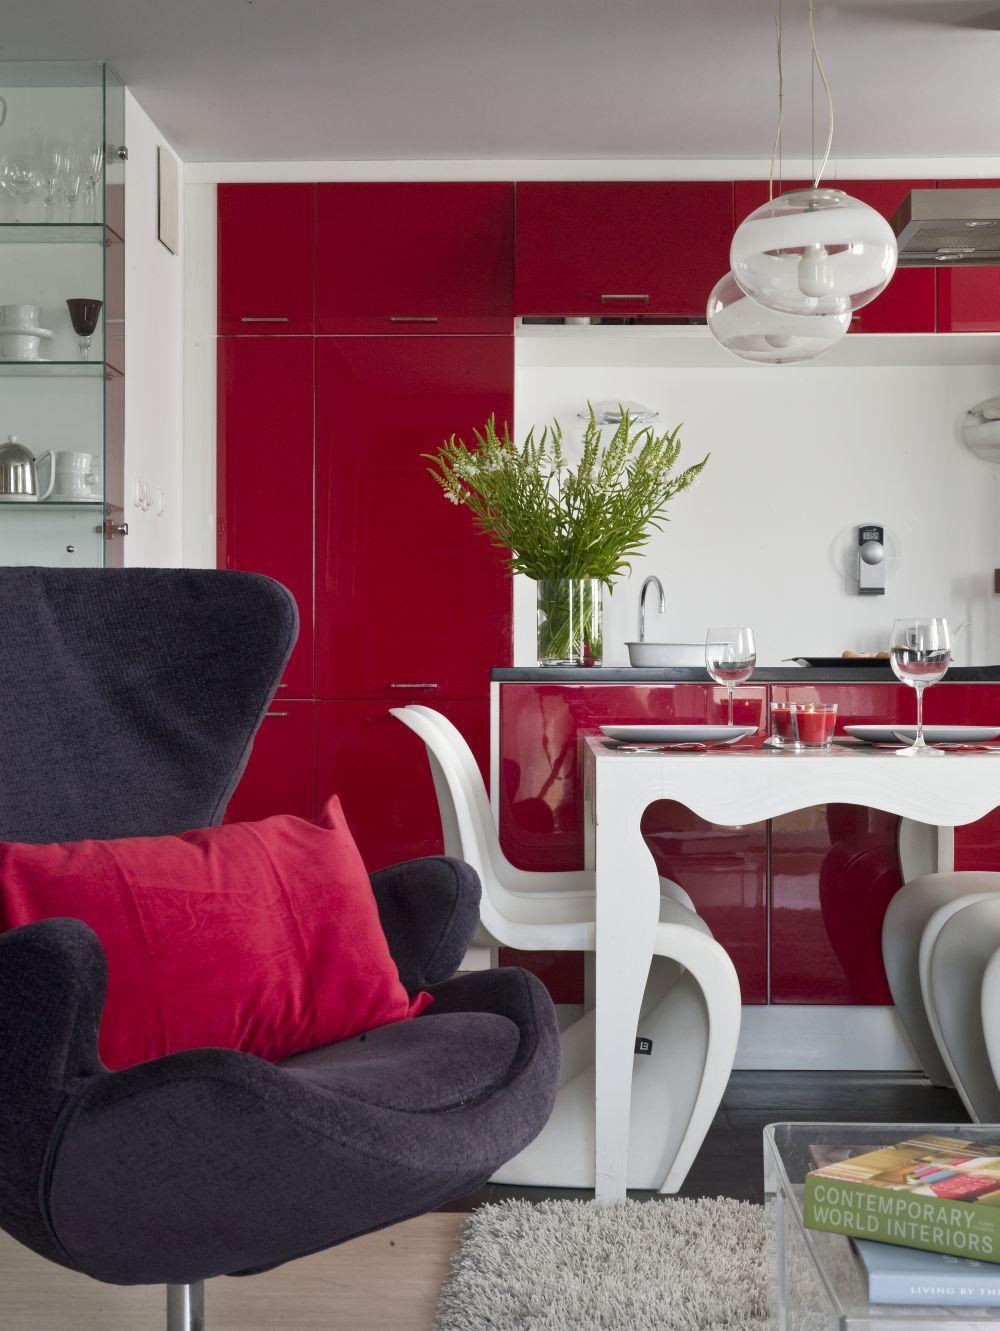 Czerwien Pasuje Do Nowczesnej Aranzacji Kuchni Wkomponowana Jako Element Szafek Kuchenny Sprzet Lub Jako Kolor Scian Czerwony Kolo Home Interior D Furniture